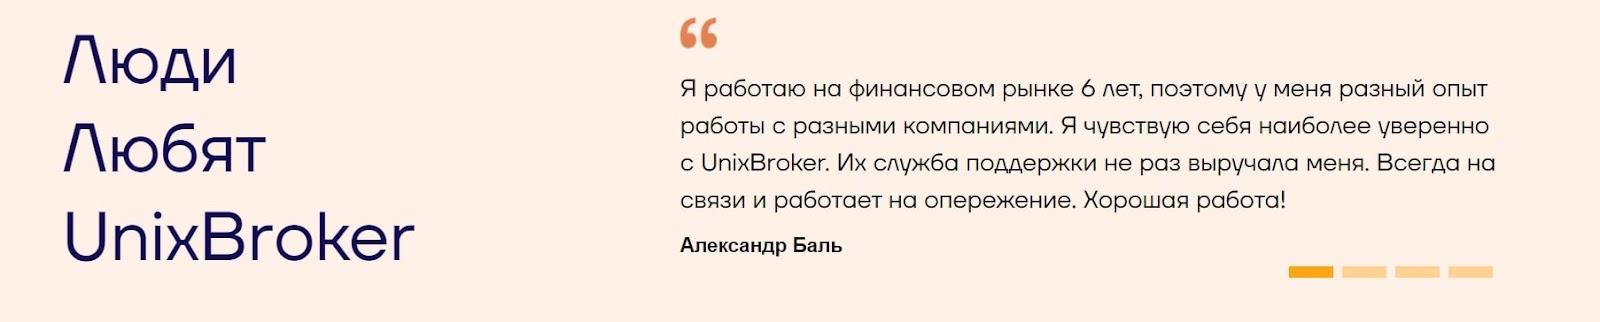 Обзор нового форекс-брокера Unix Broker, отзывы пользователей